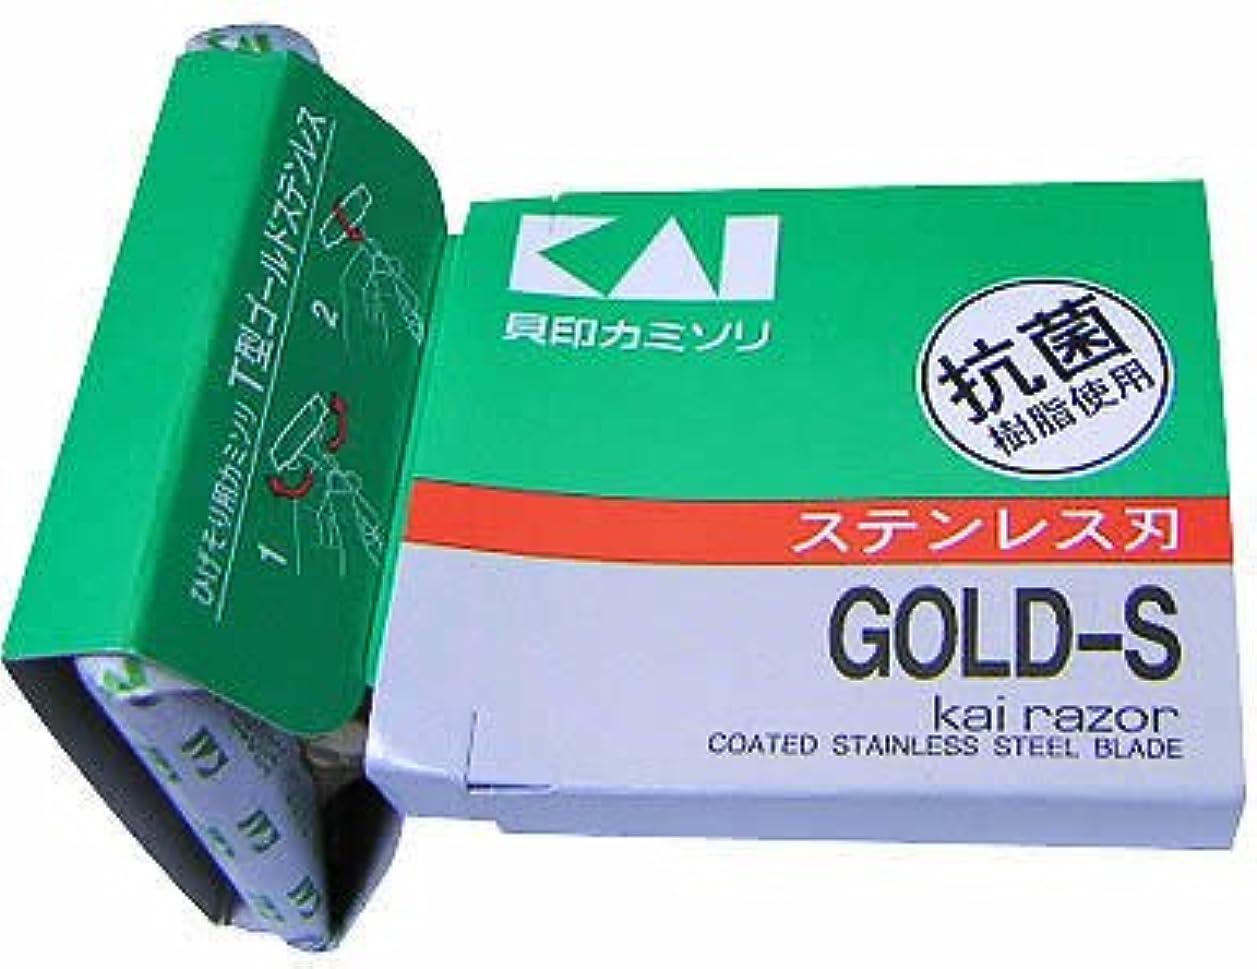 贈り物よろめくセメントT型ゴールドステンレス カミソリ 5本入